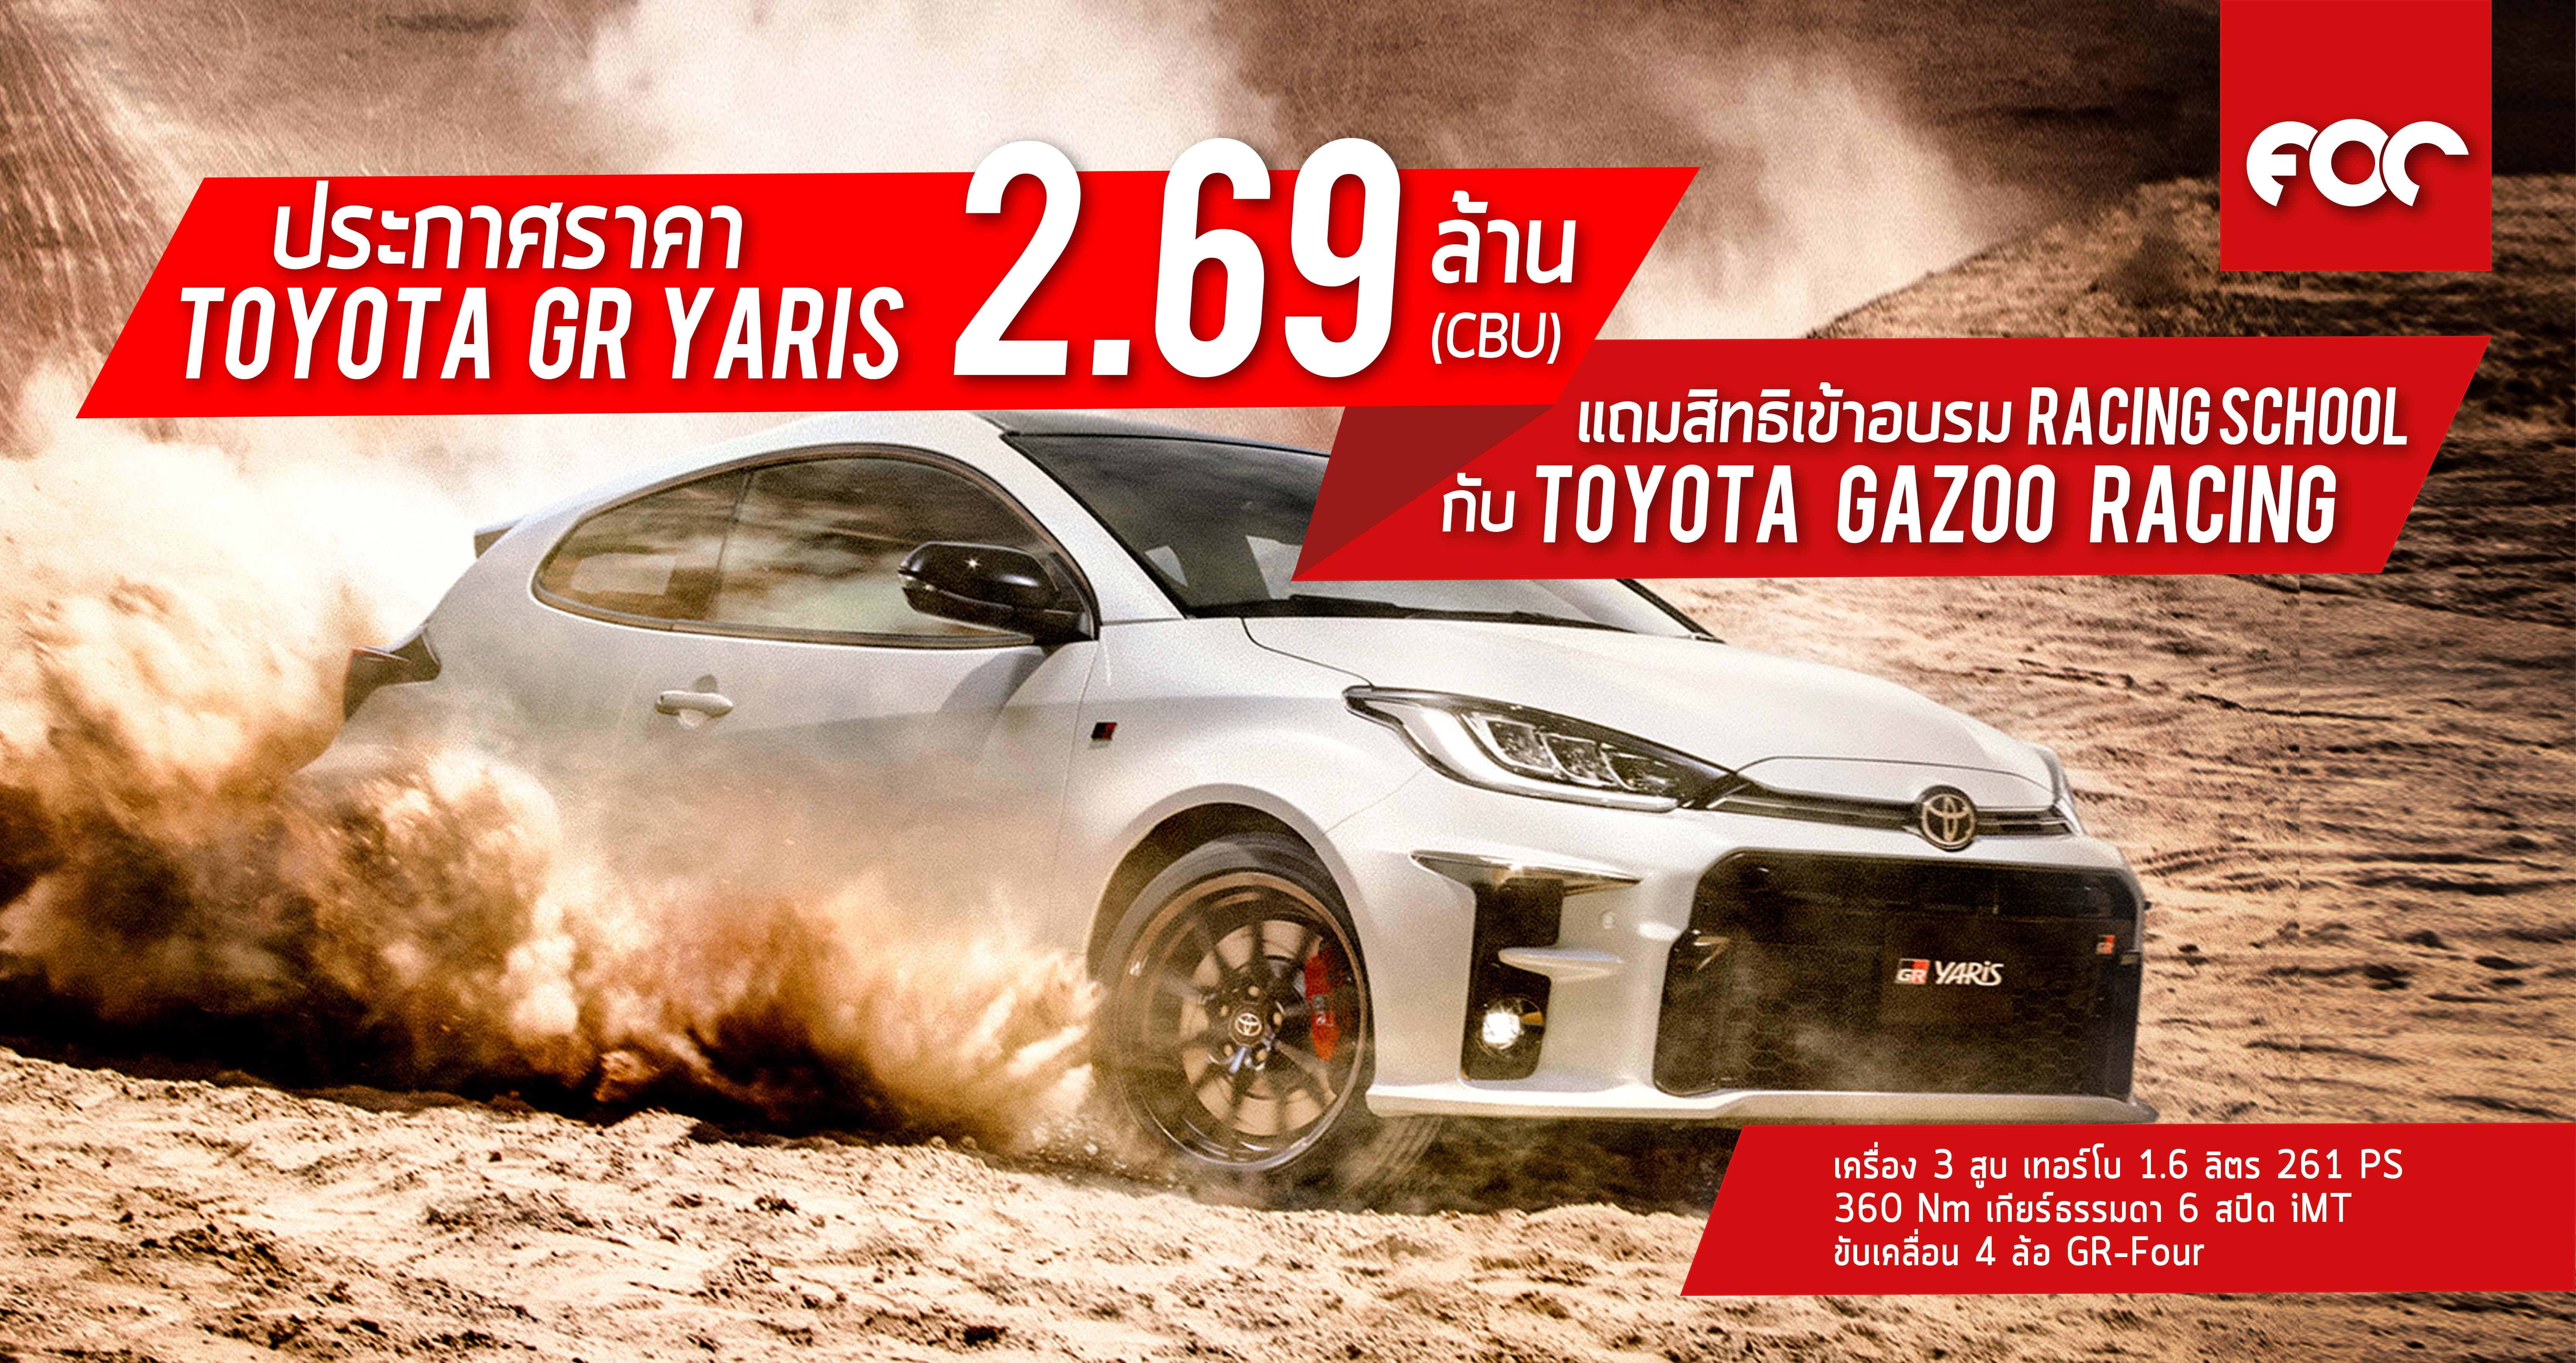 โตโยต้า ประกาศราคา Toyota GR Yaris 2.69 ล้าน (CBU) แถมสิทธิเข้าอบรม Racing School เต็มรูปแบบ